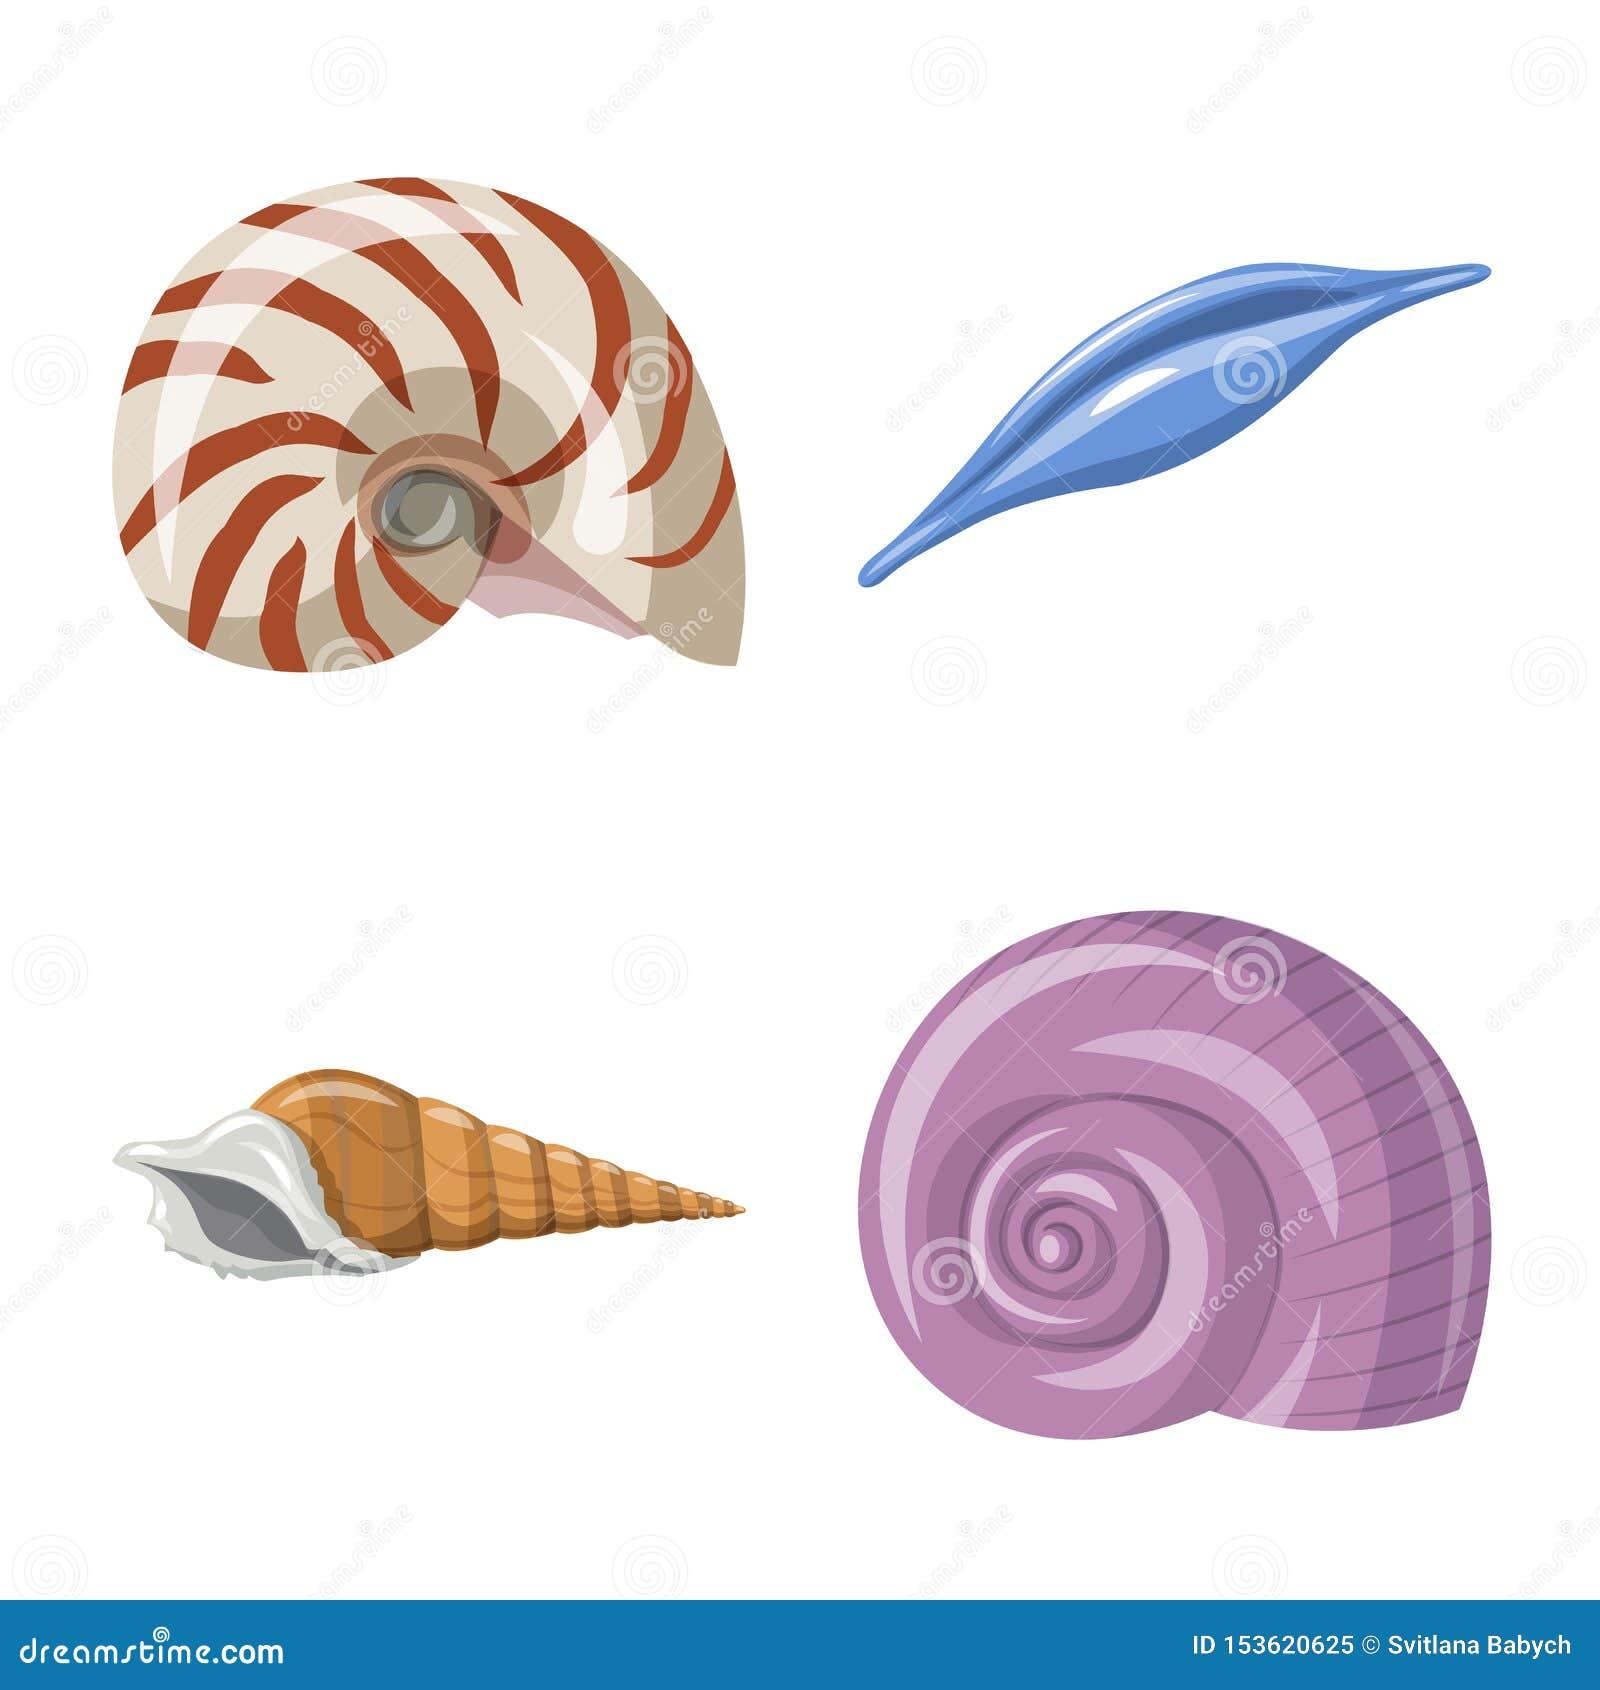 Wektorowa ilustracja seashell i mollusk znak Set seashell i owoce morza akcyjna wektorowa ilustracja